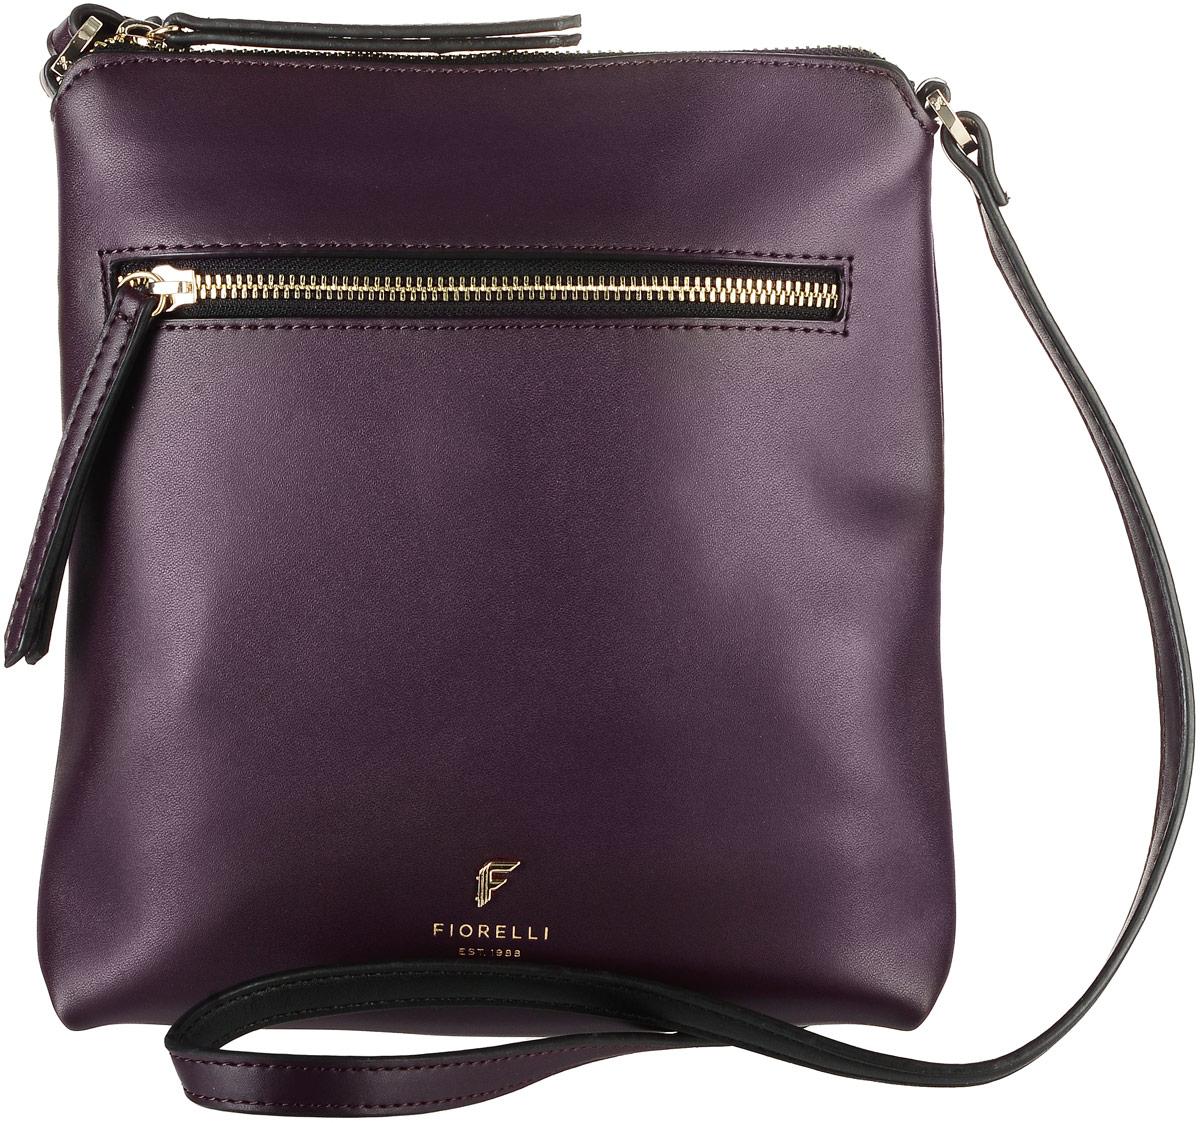 Сумка женская Fiorelli, цвет: сливовый. 8509 FH8509 FH AubergineСтильная женская сумка Fiorelli выполнена из эко-кожи. Сумка имеет одно основное отделение, закрывающееся на застежку-молнию. Внутри находится накладной открытый карман. Снаружи, на передней стенке размещен прорезной карман на застежке-молнии, на задней стенке накладной открытый карман. Роскошная сумка внесет элегантные нотки в ваш образ и подчеркнет ваше отменное чувство стиля.